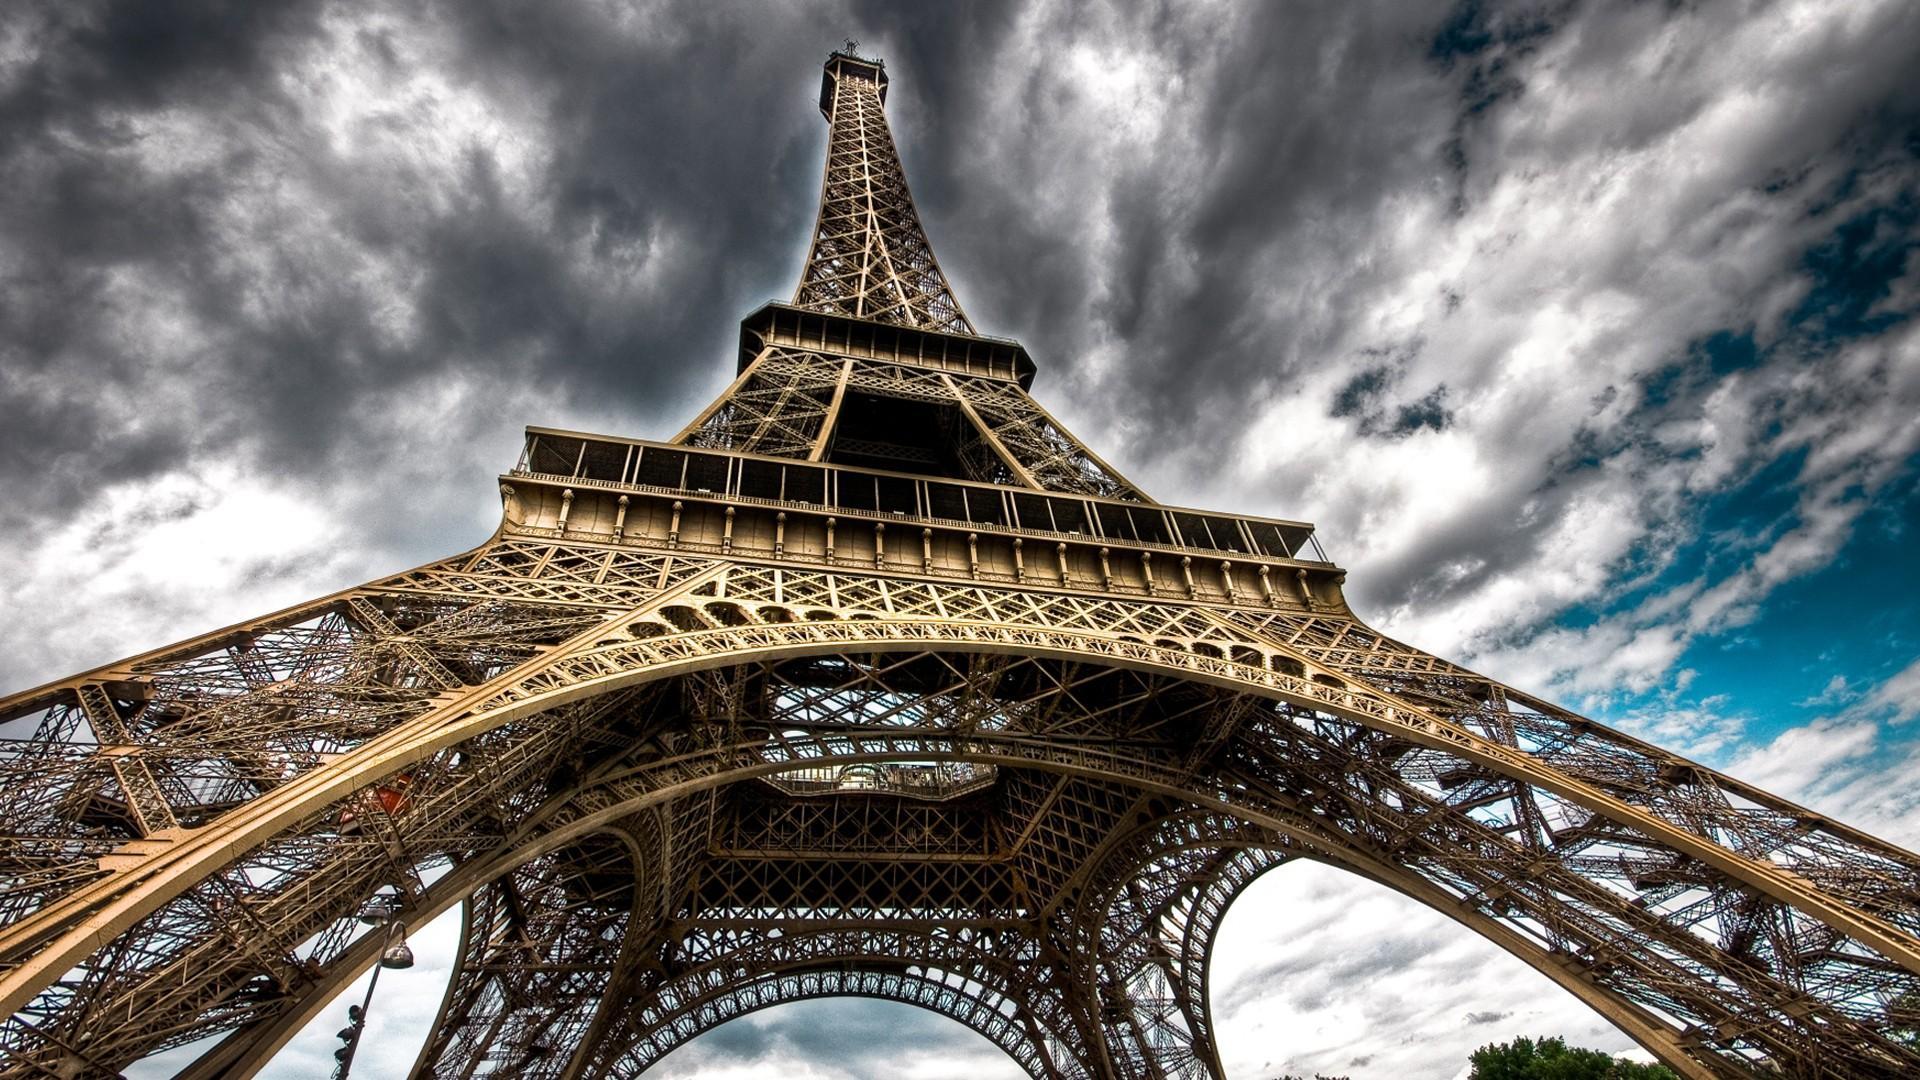 埃菲尔铁塔风景图片桌面壁纸